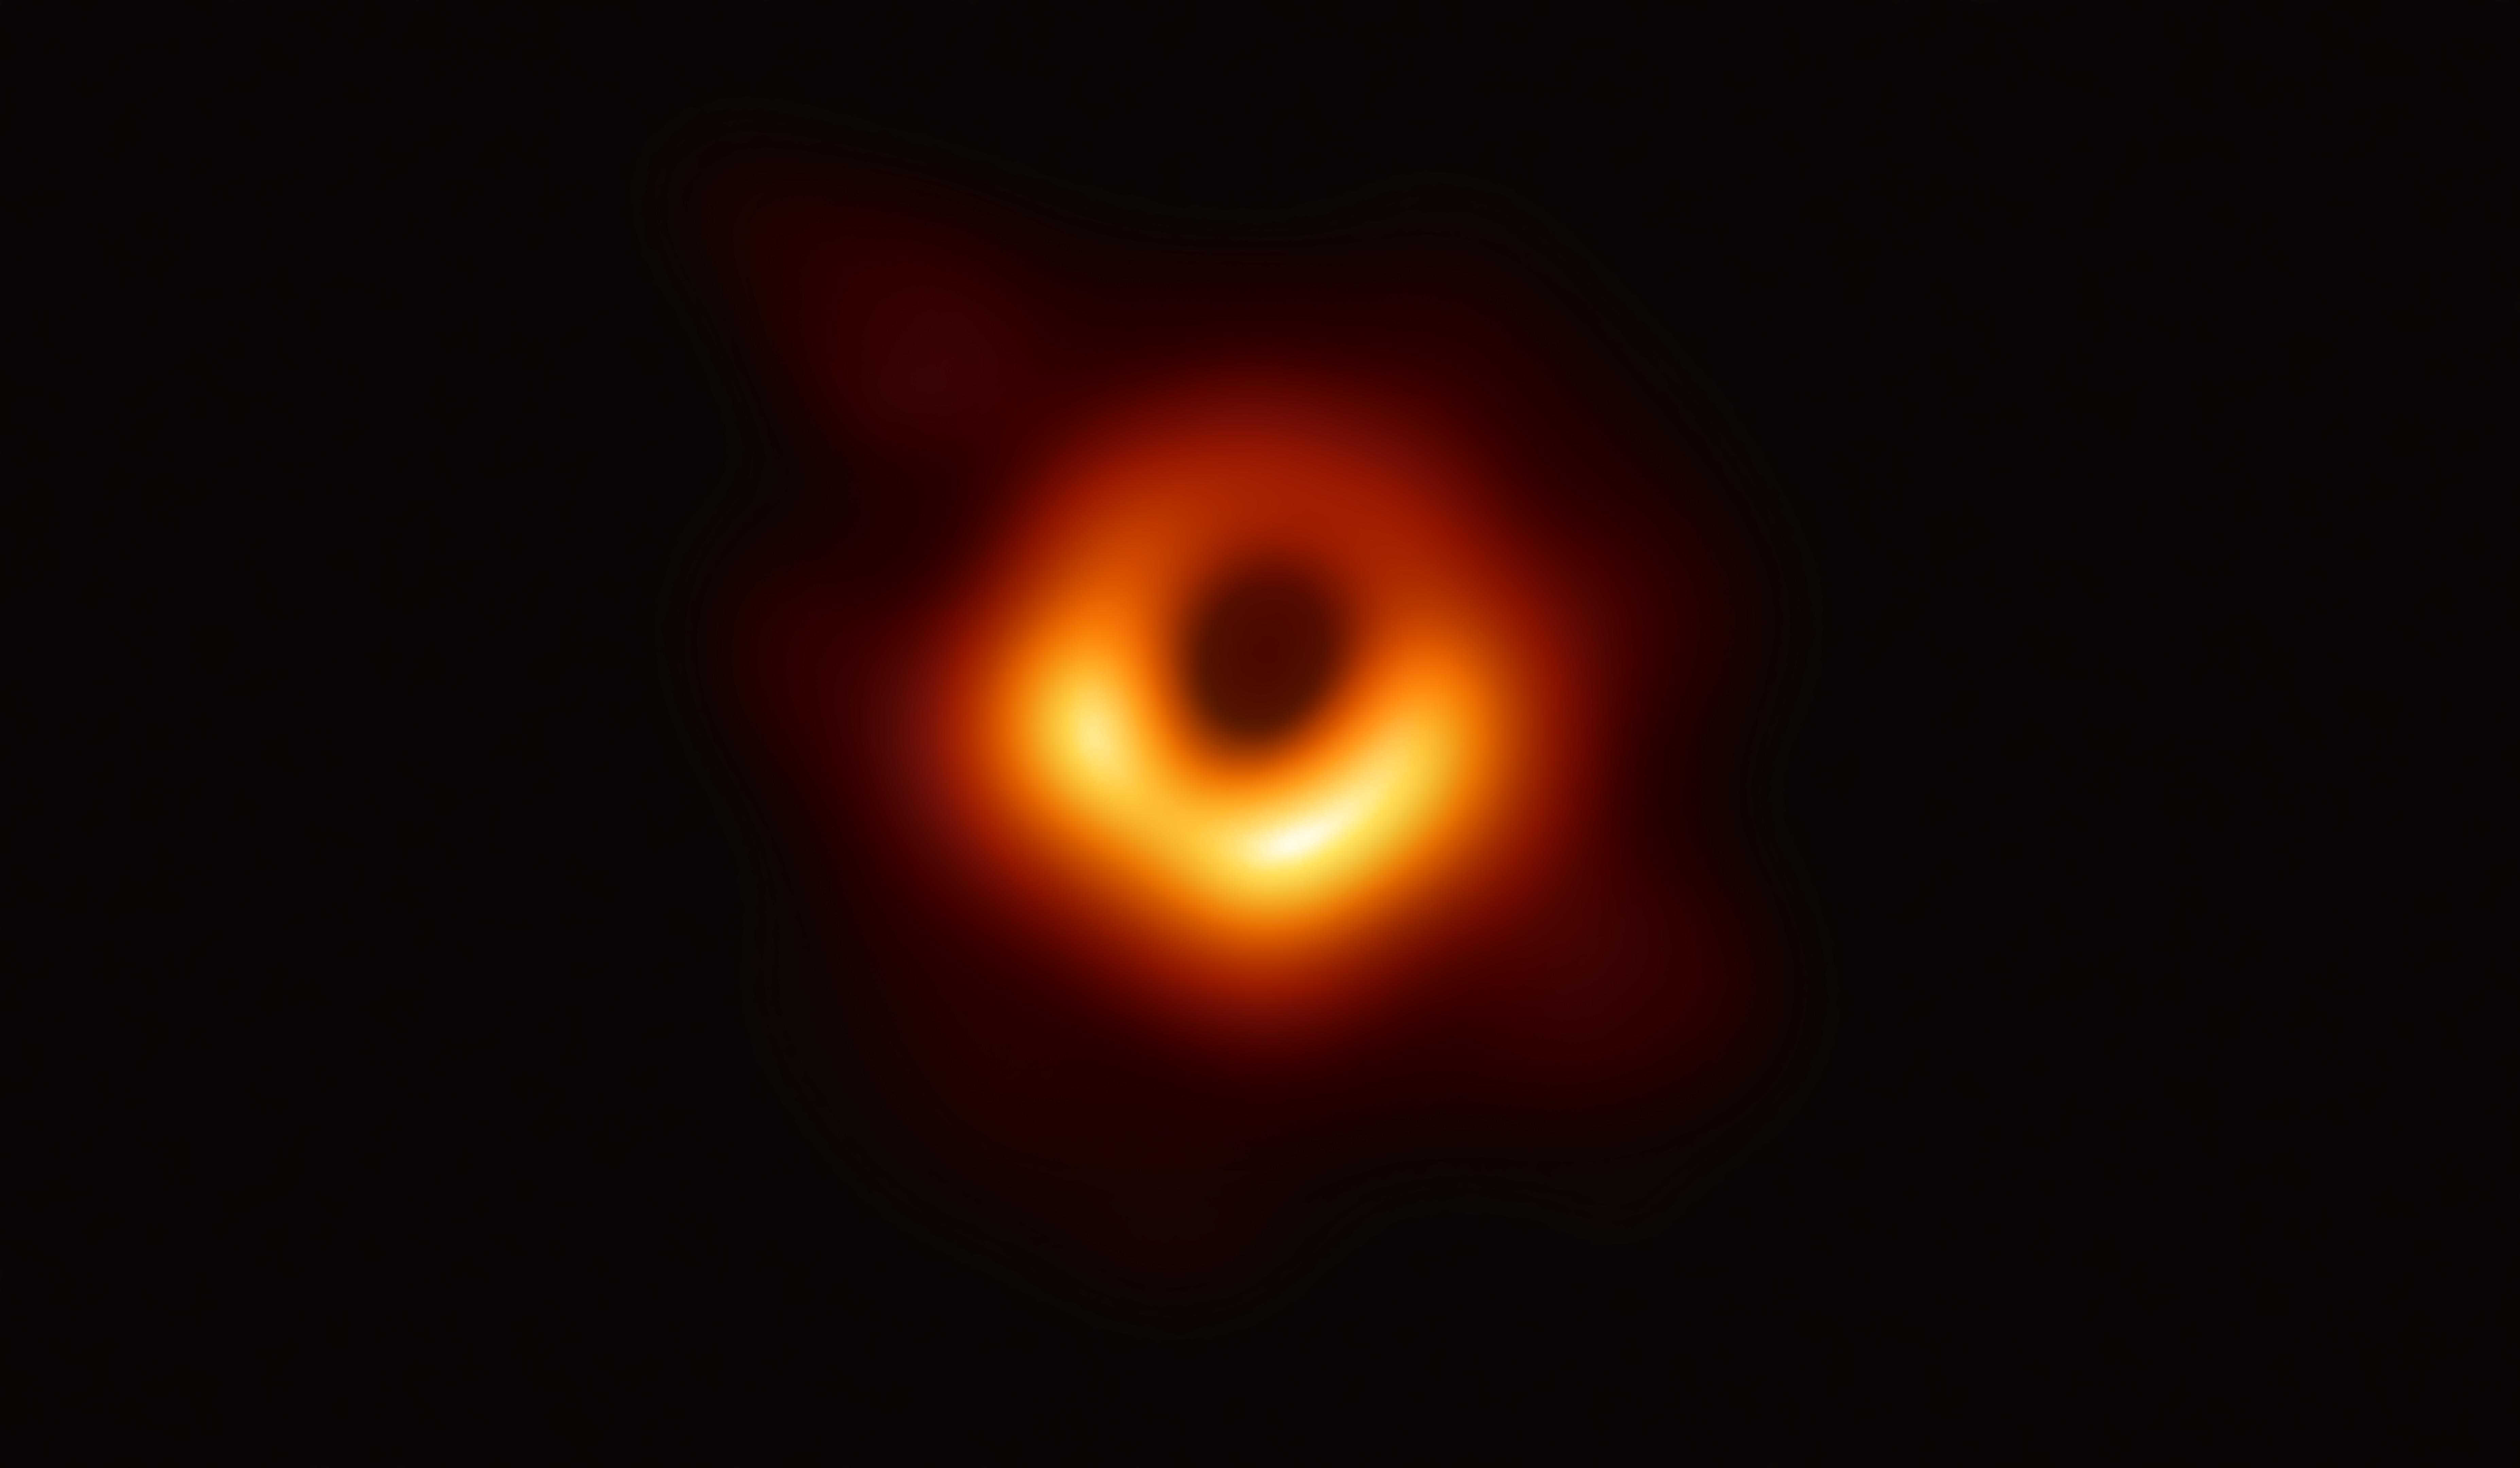 イベント・ホライズン・テレスコープで撮影された、銀河M87中心の巨大ブラックホールシャドウ。リング状の明るい部分の大きさはおよそ42マイクロ秒角であり、月面に